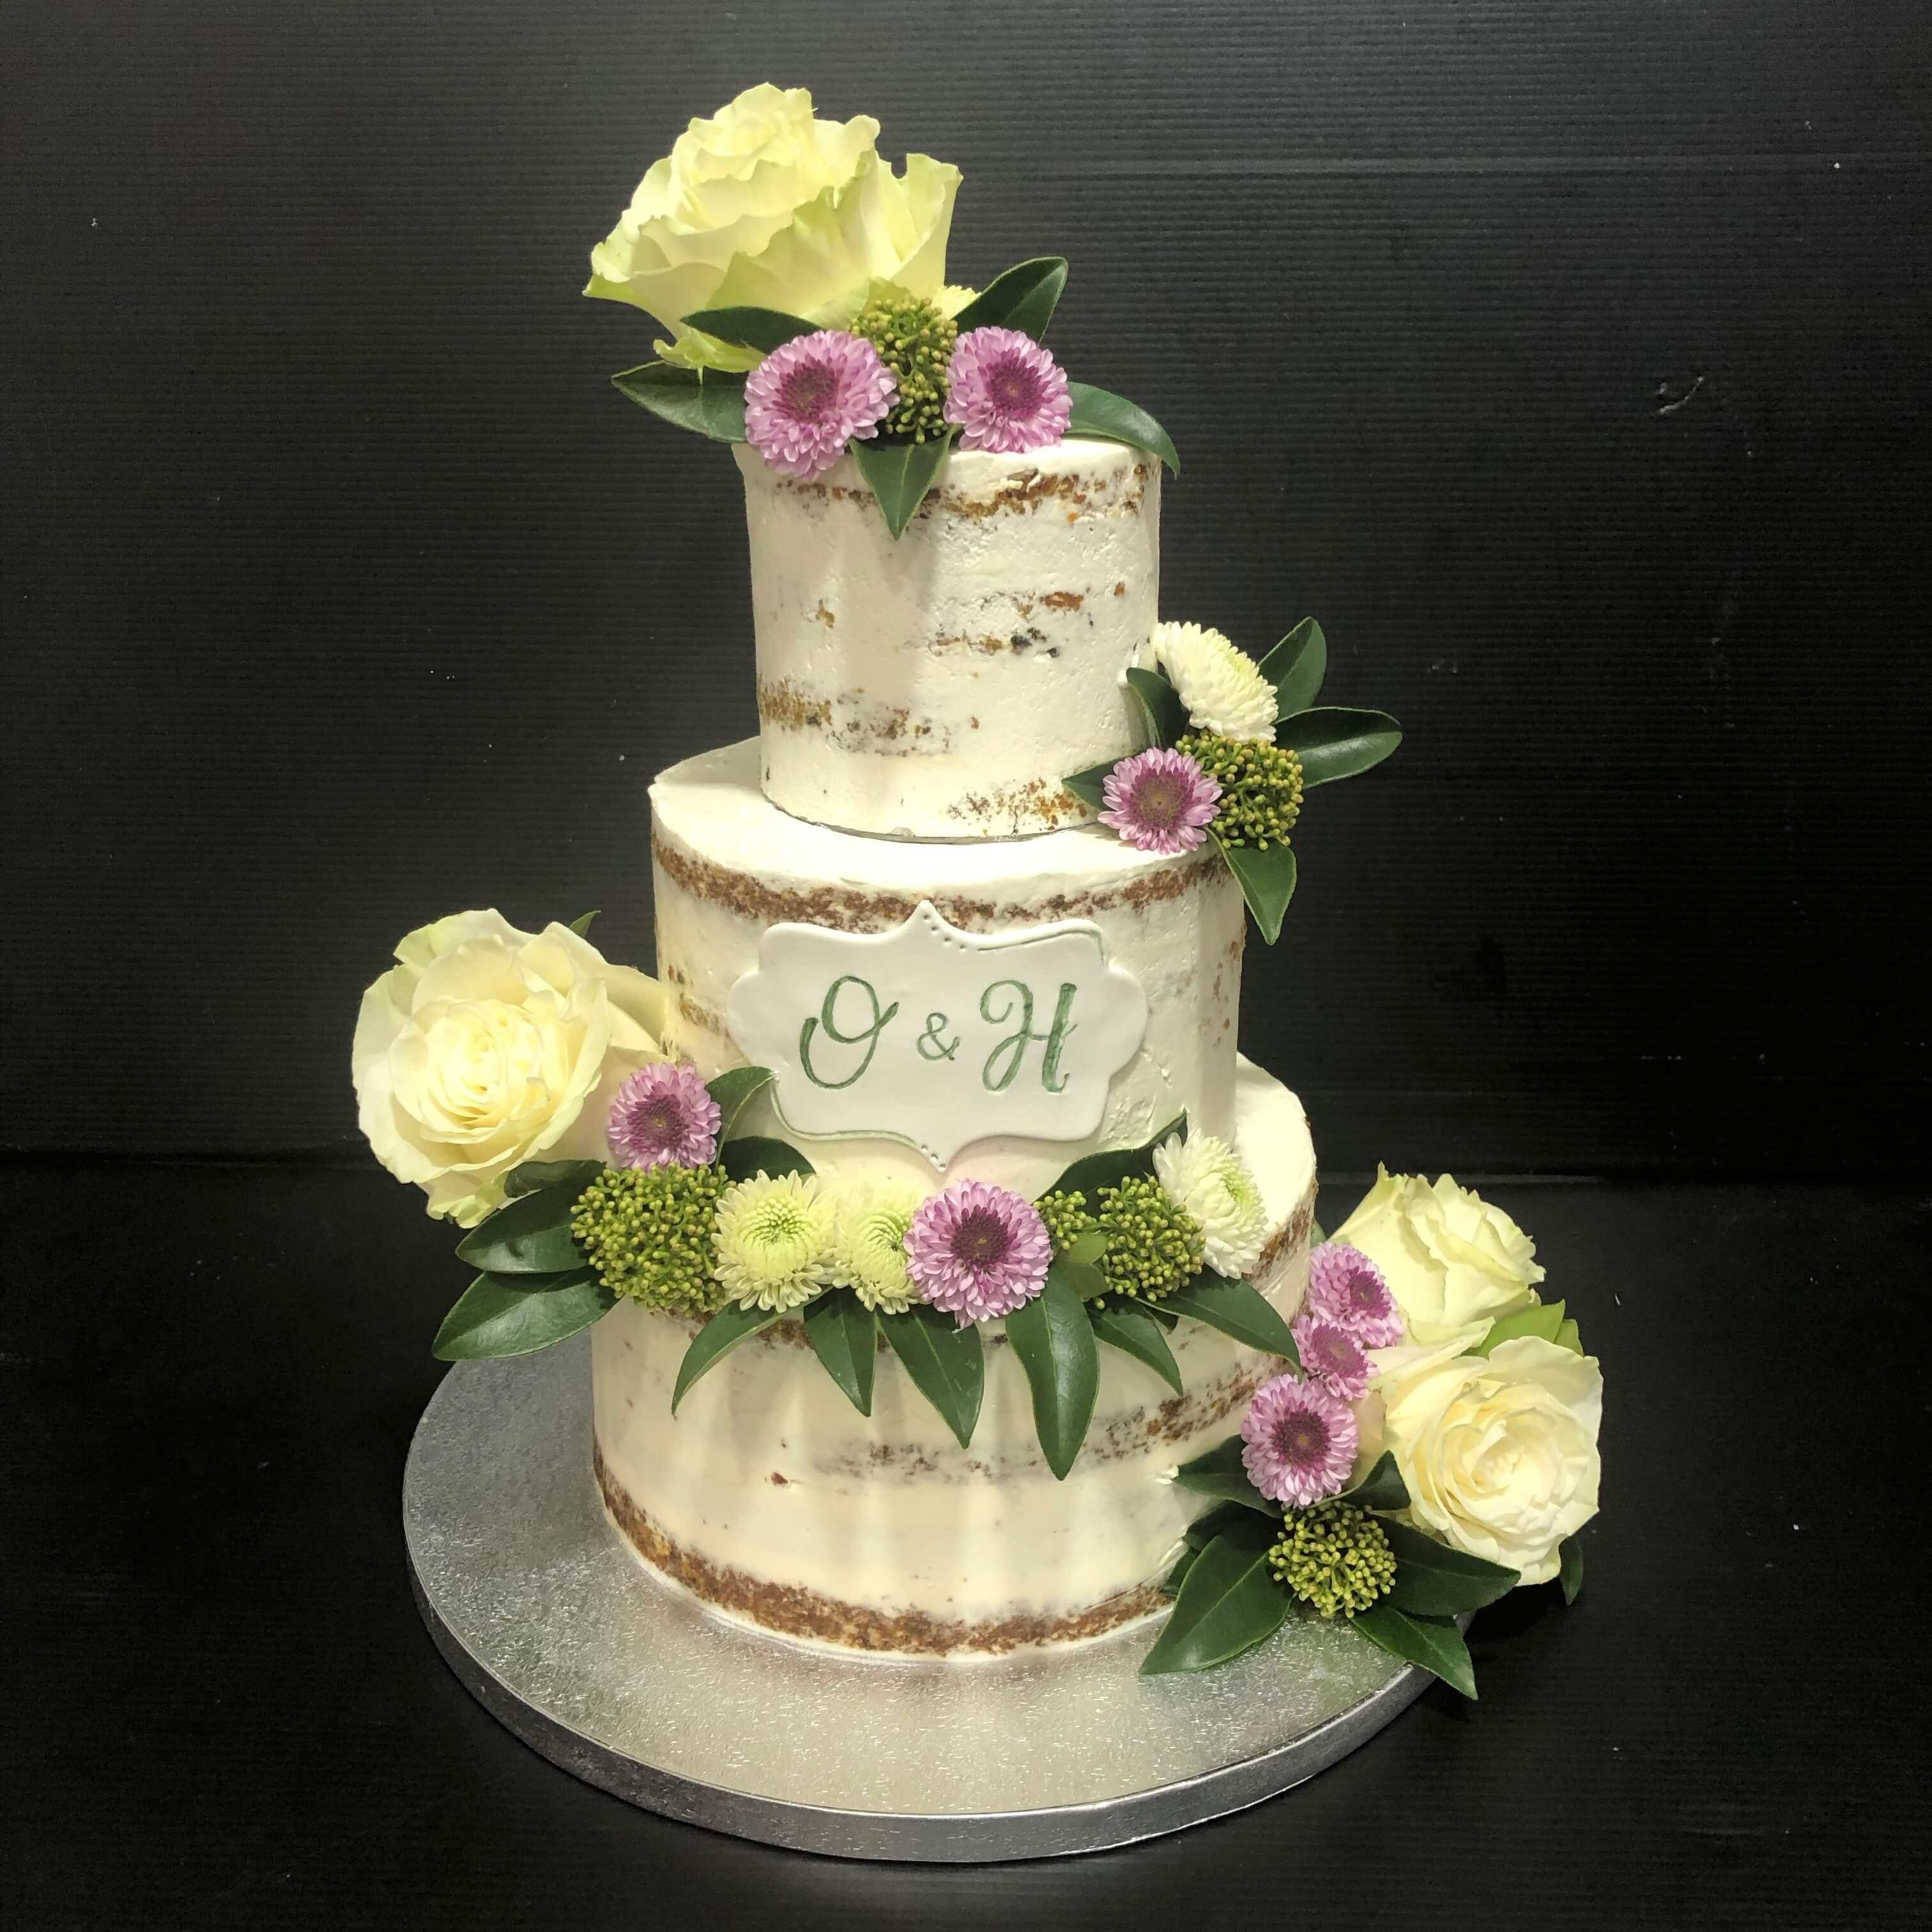 tarta  boda coruña naked cake tarta boda desnuda coruña tarta boda